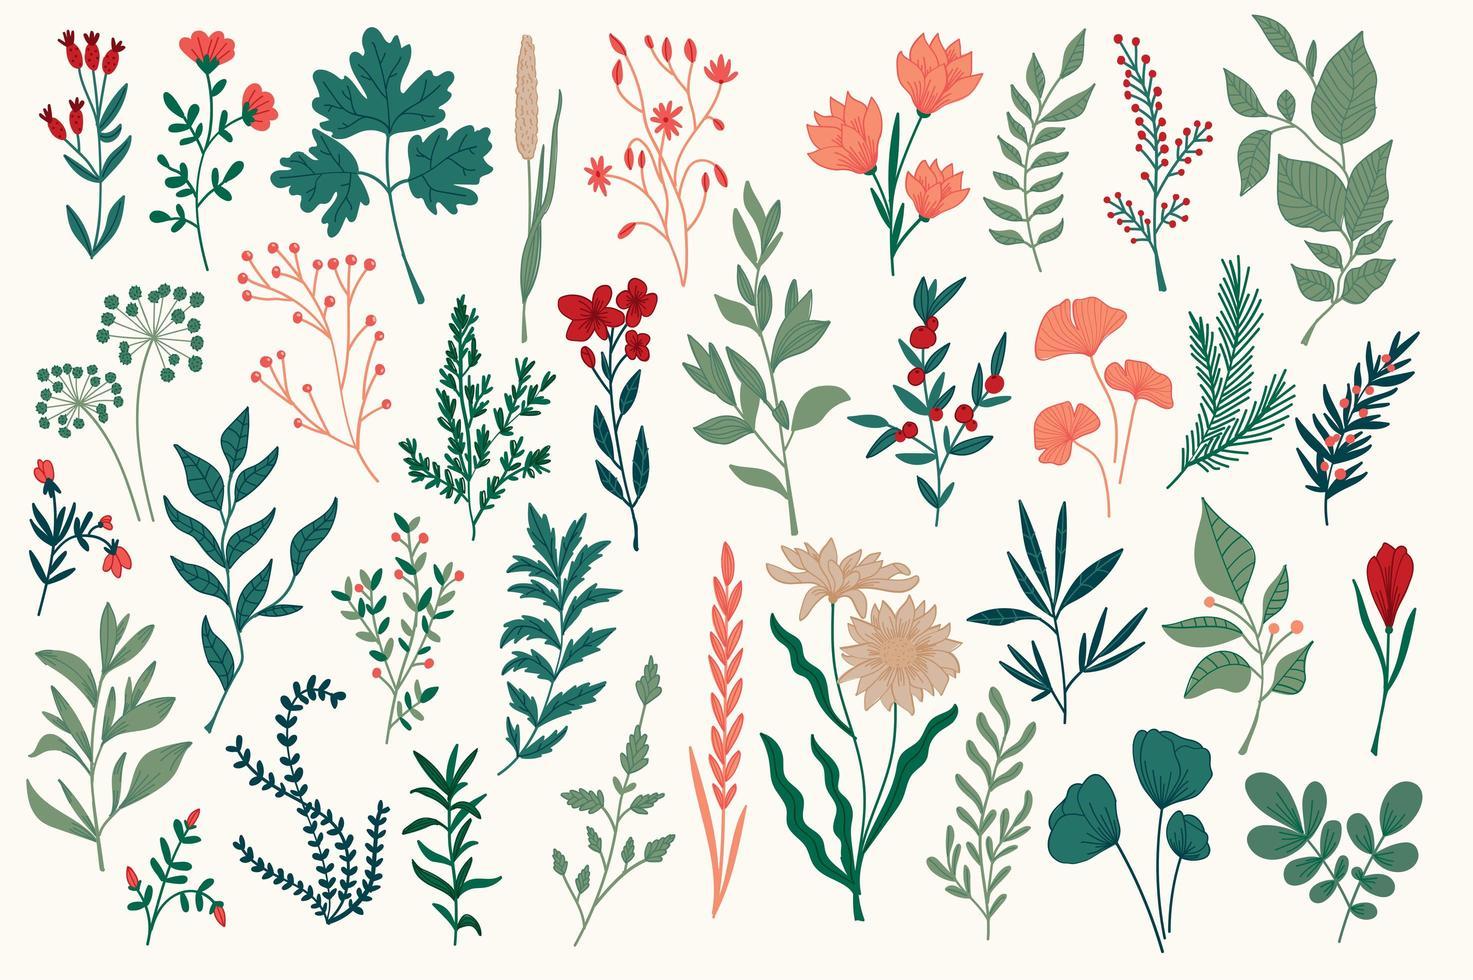 handgezeichnete bunte botanische Designpackung vektor